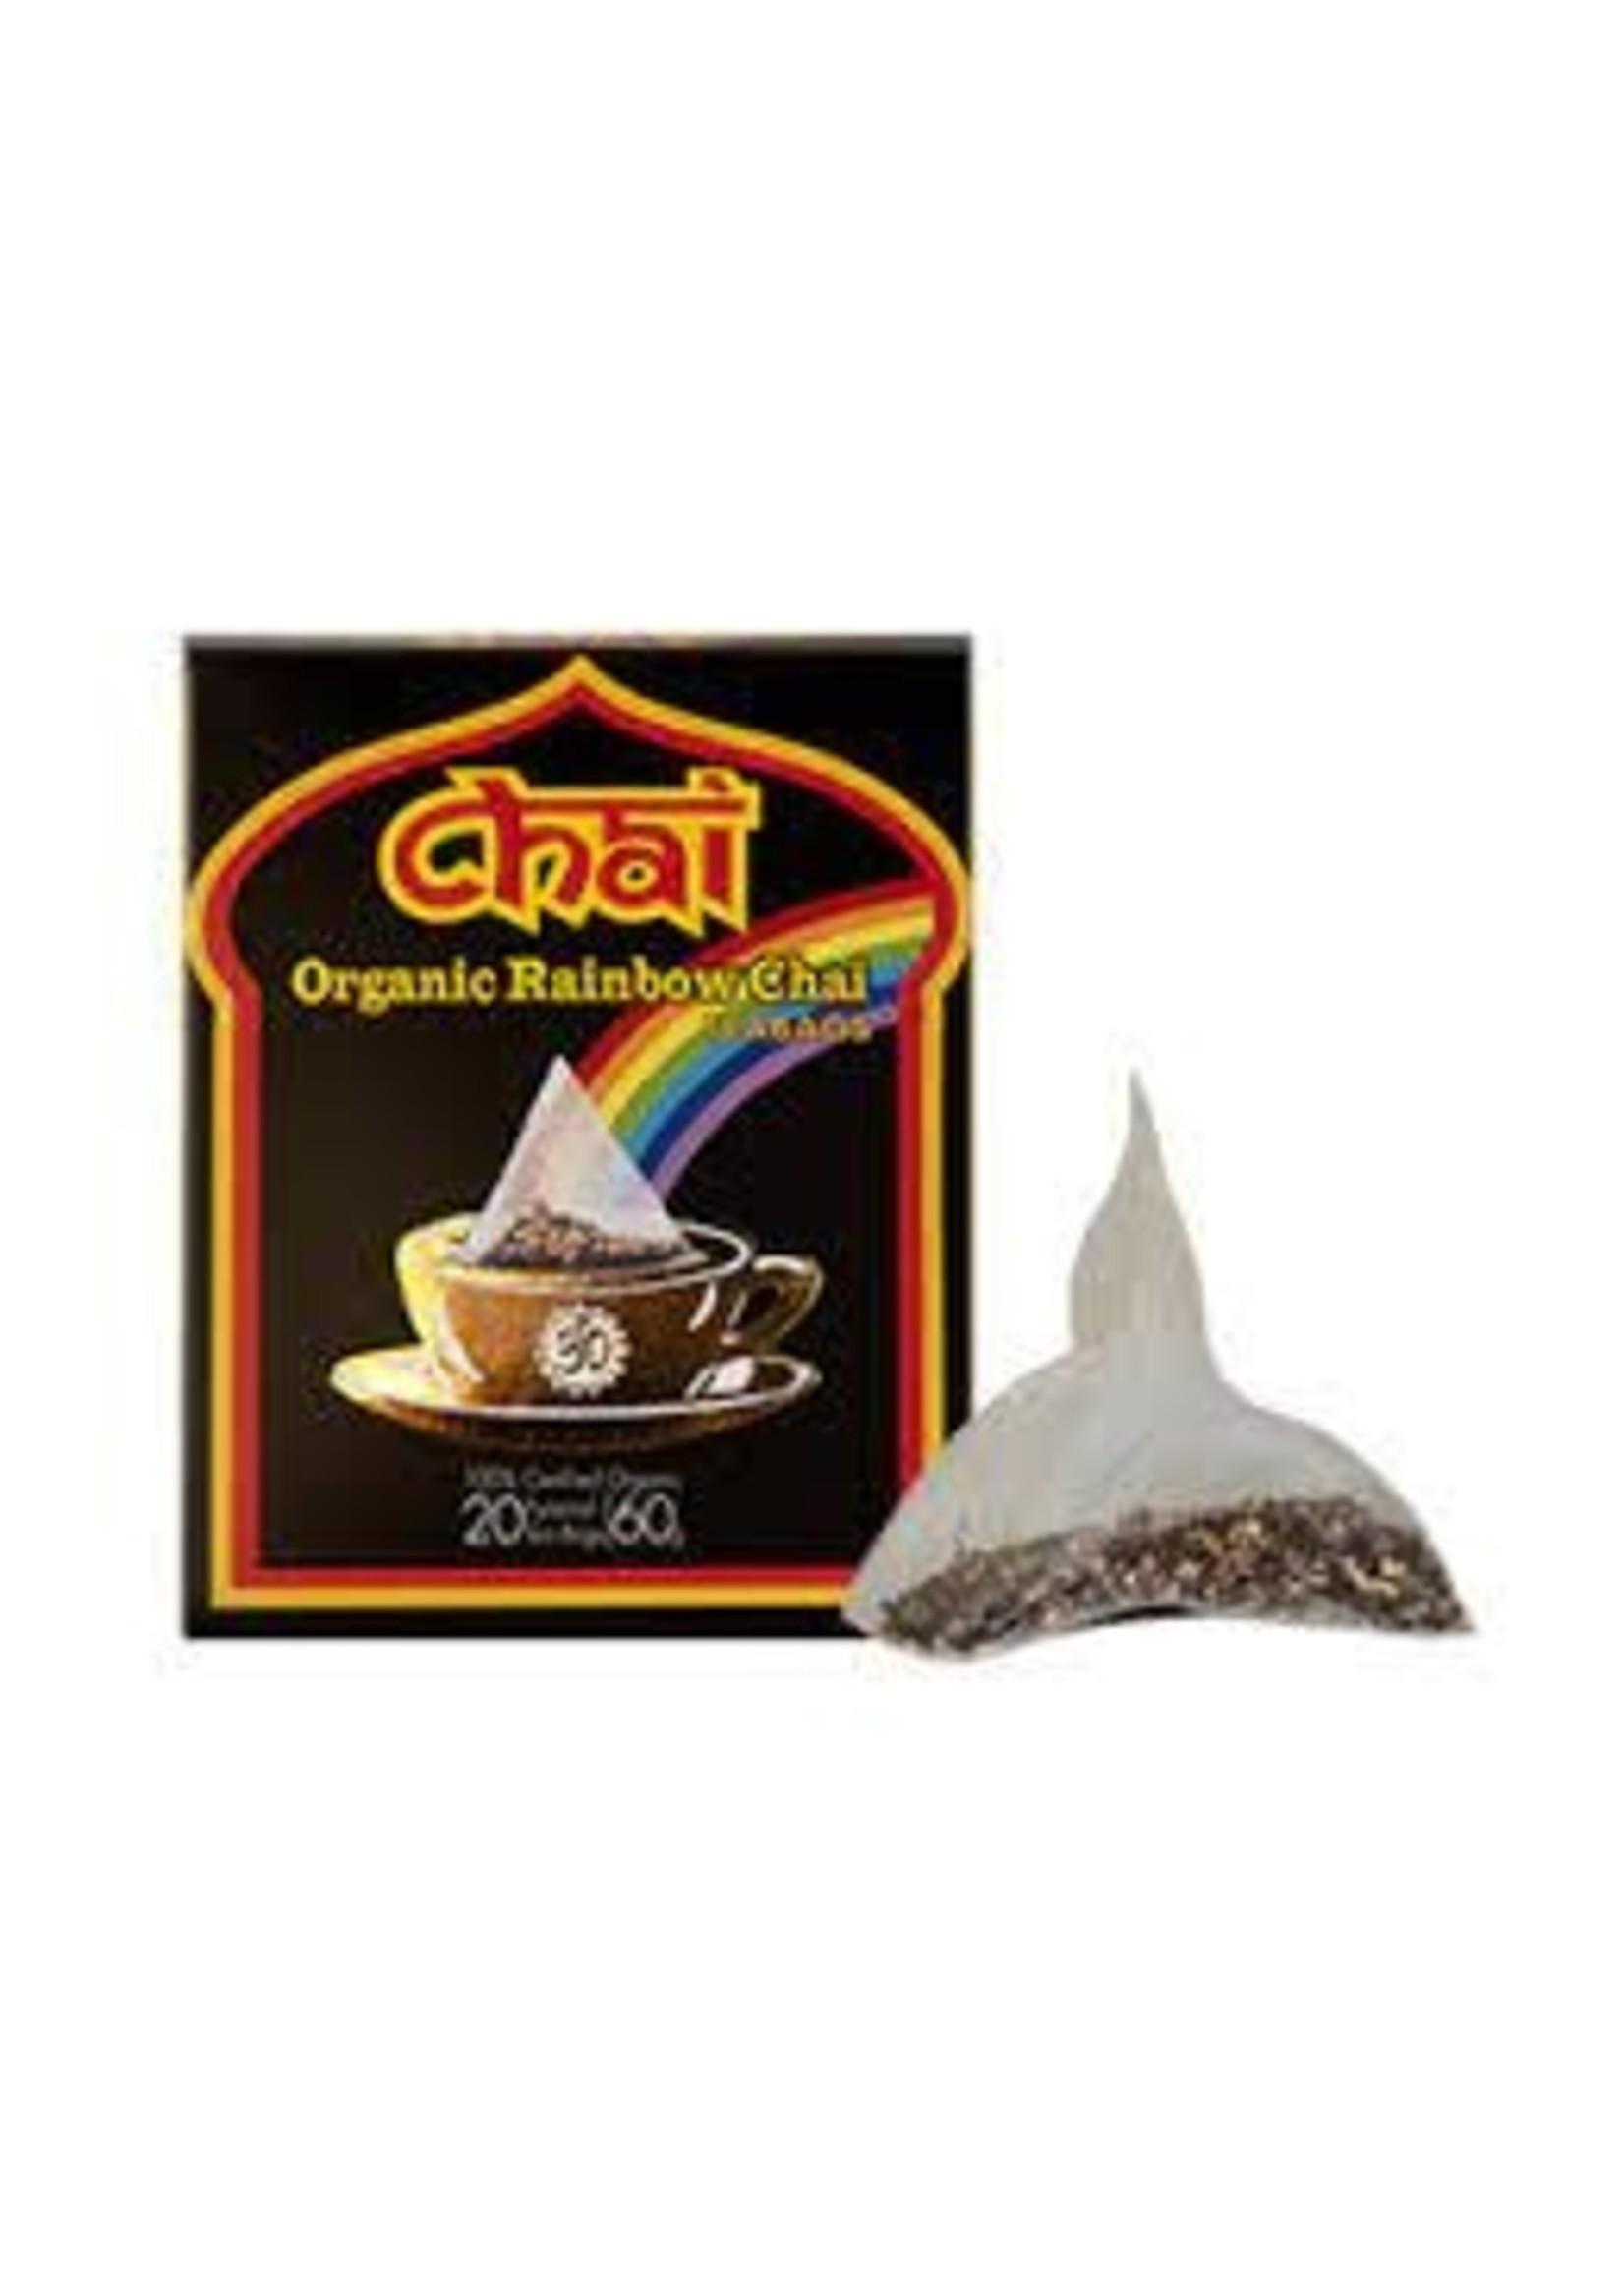 Chai Tea Chai Organic Rainbow Chai 24 tea bags